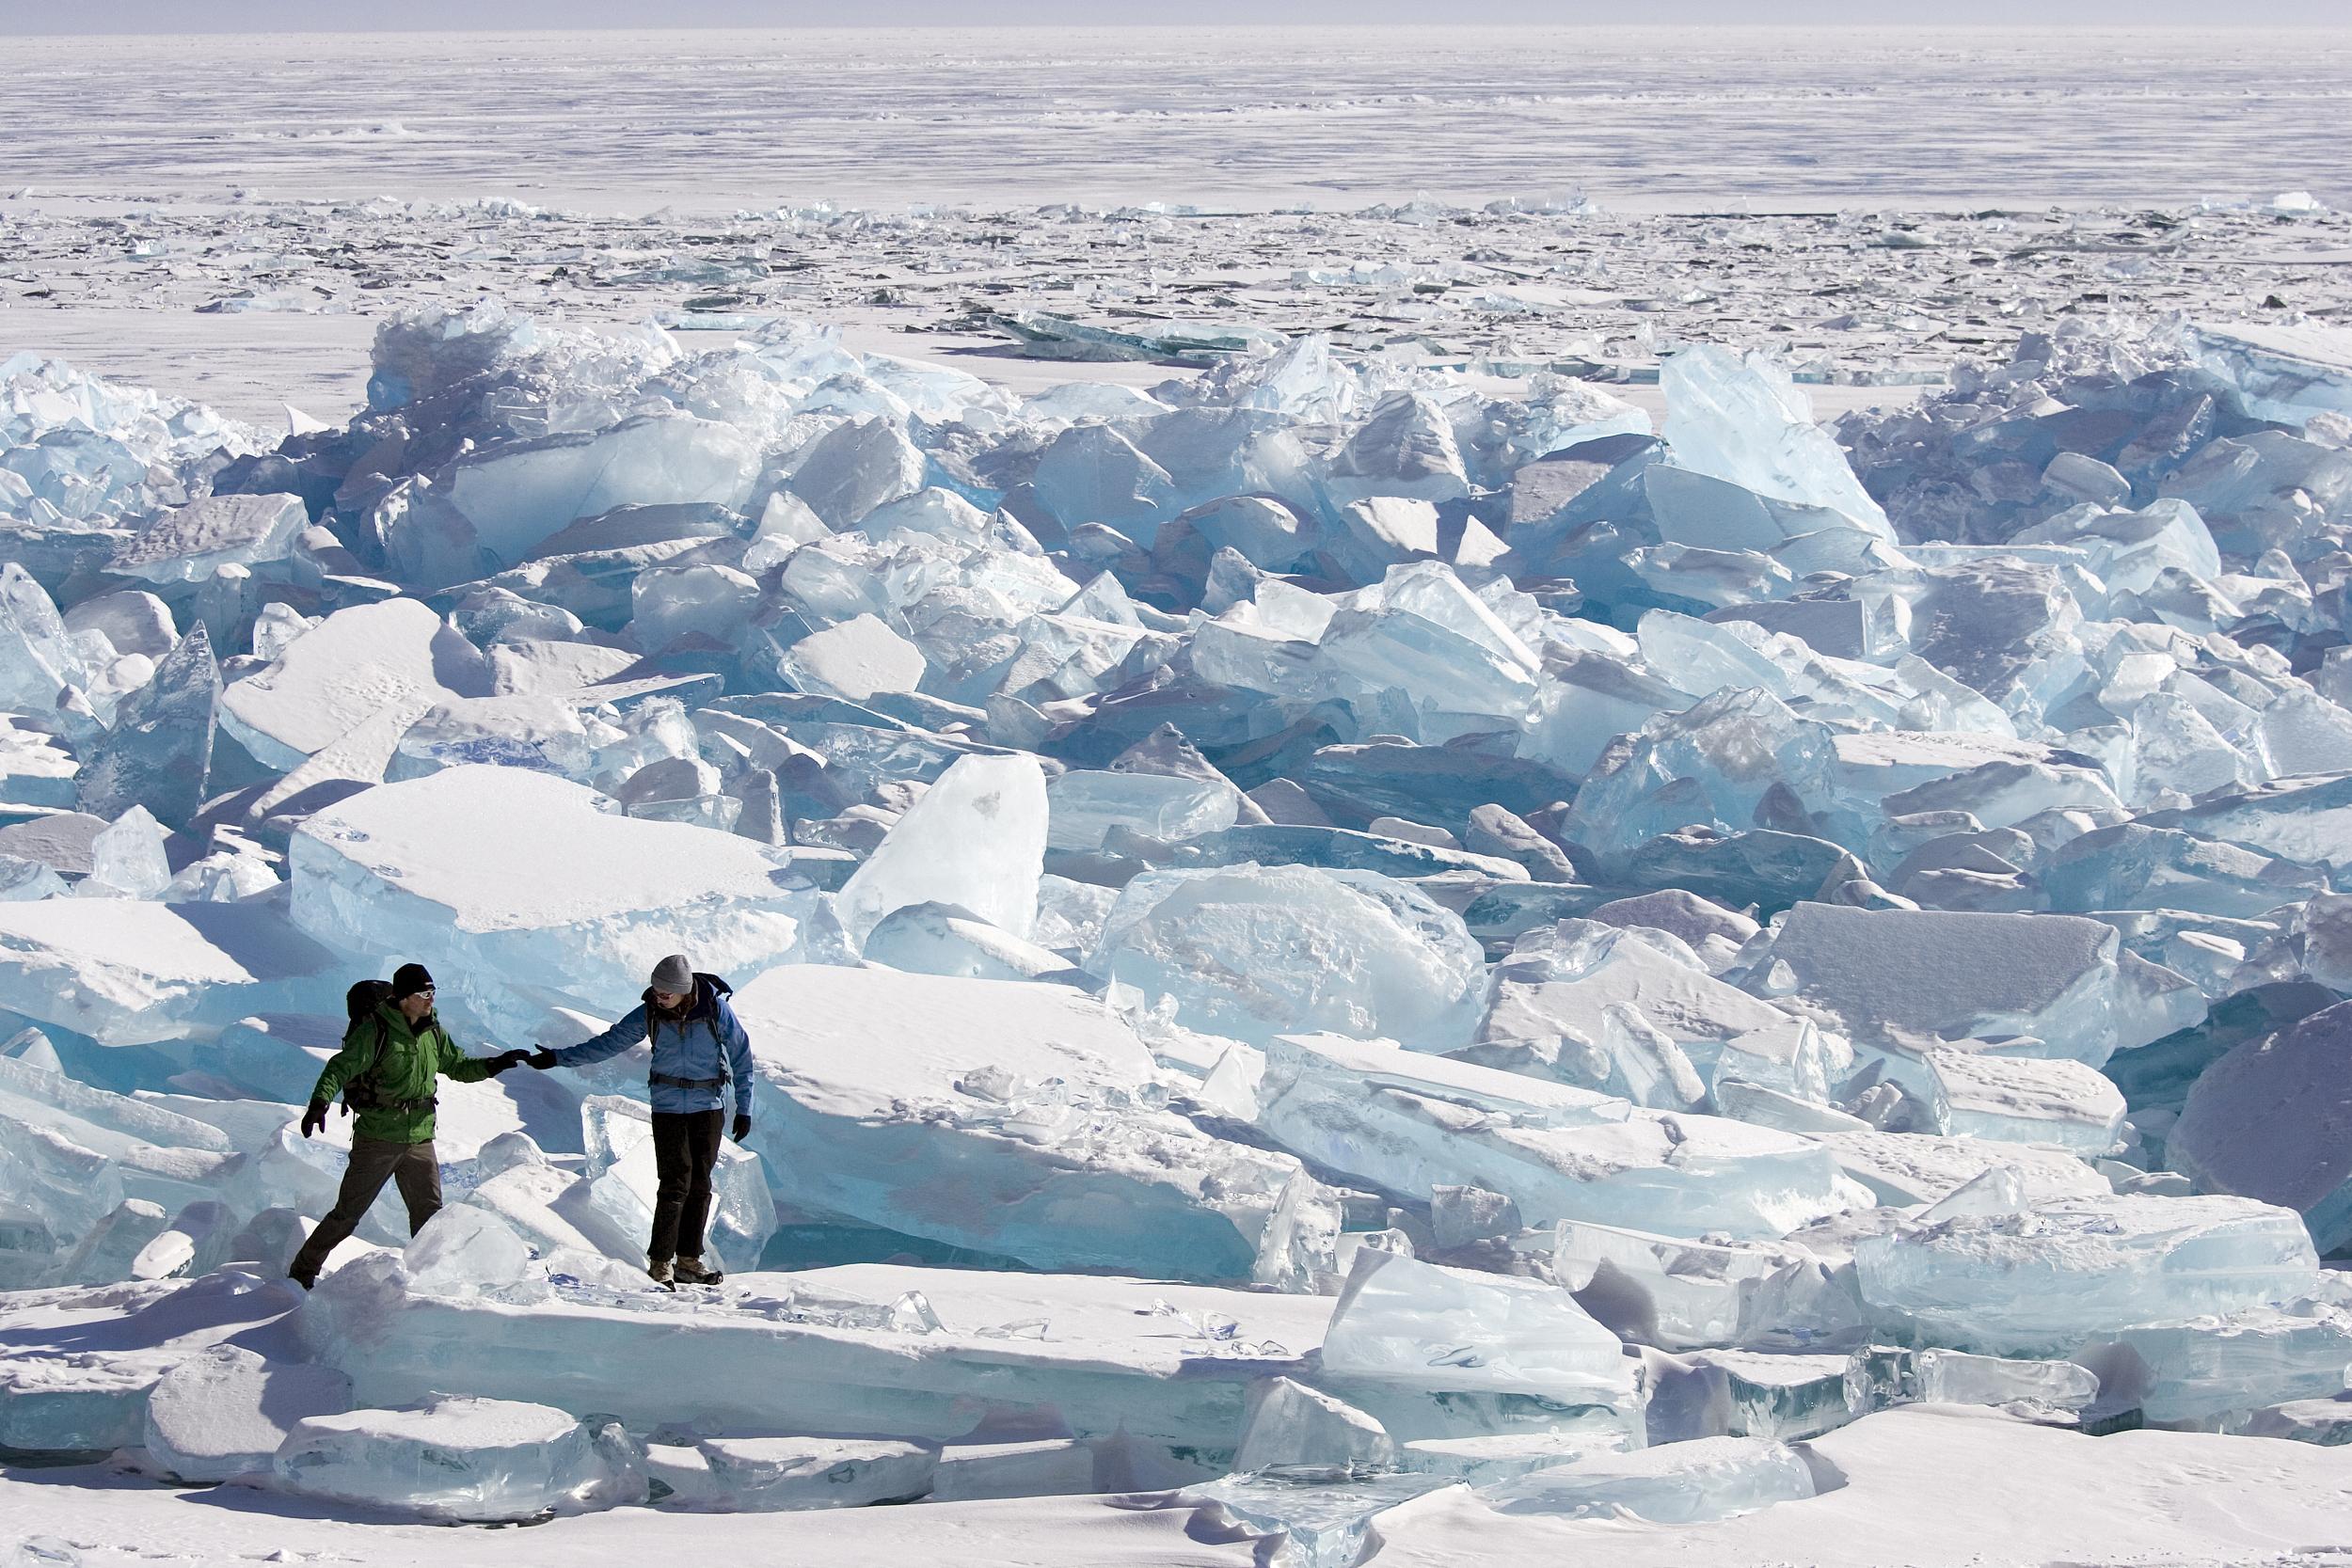 南极最冷的月份是_谁说贝加尔湖只有冬天?让摄影师也抓狂的贝加尔湖金秋 - 知乎